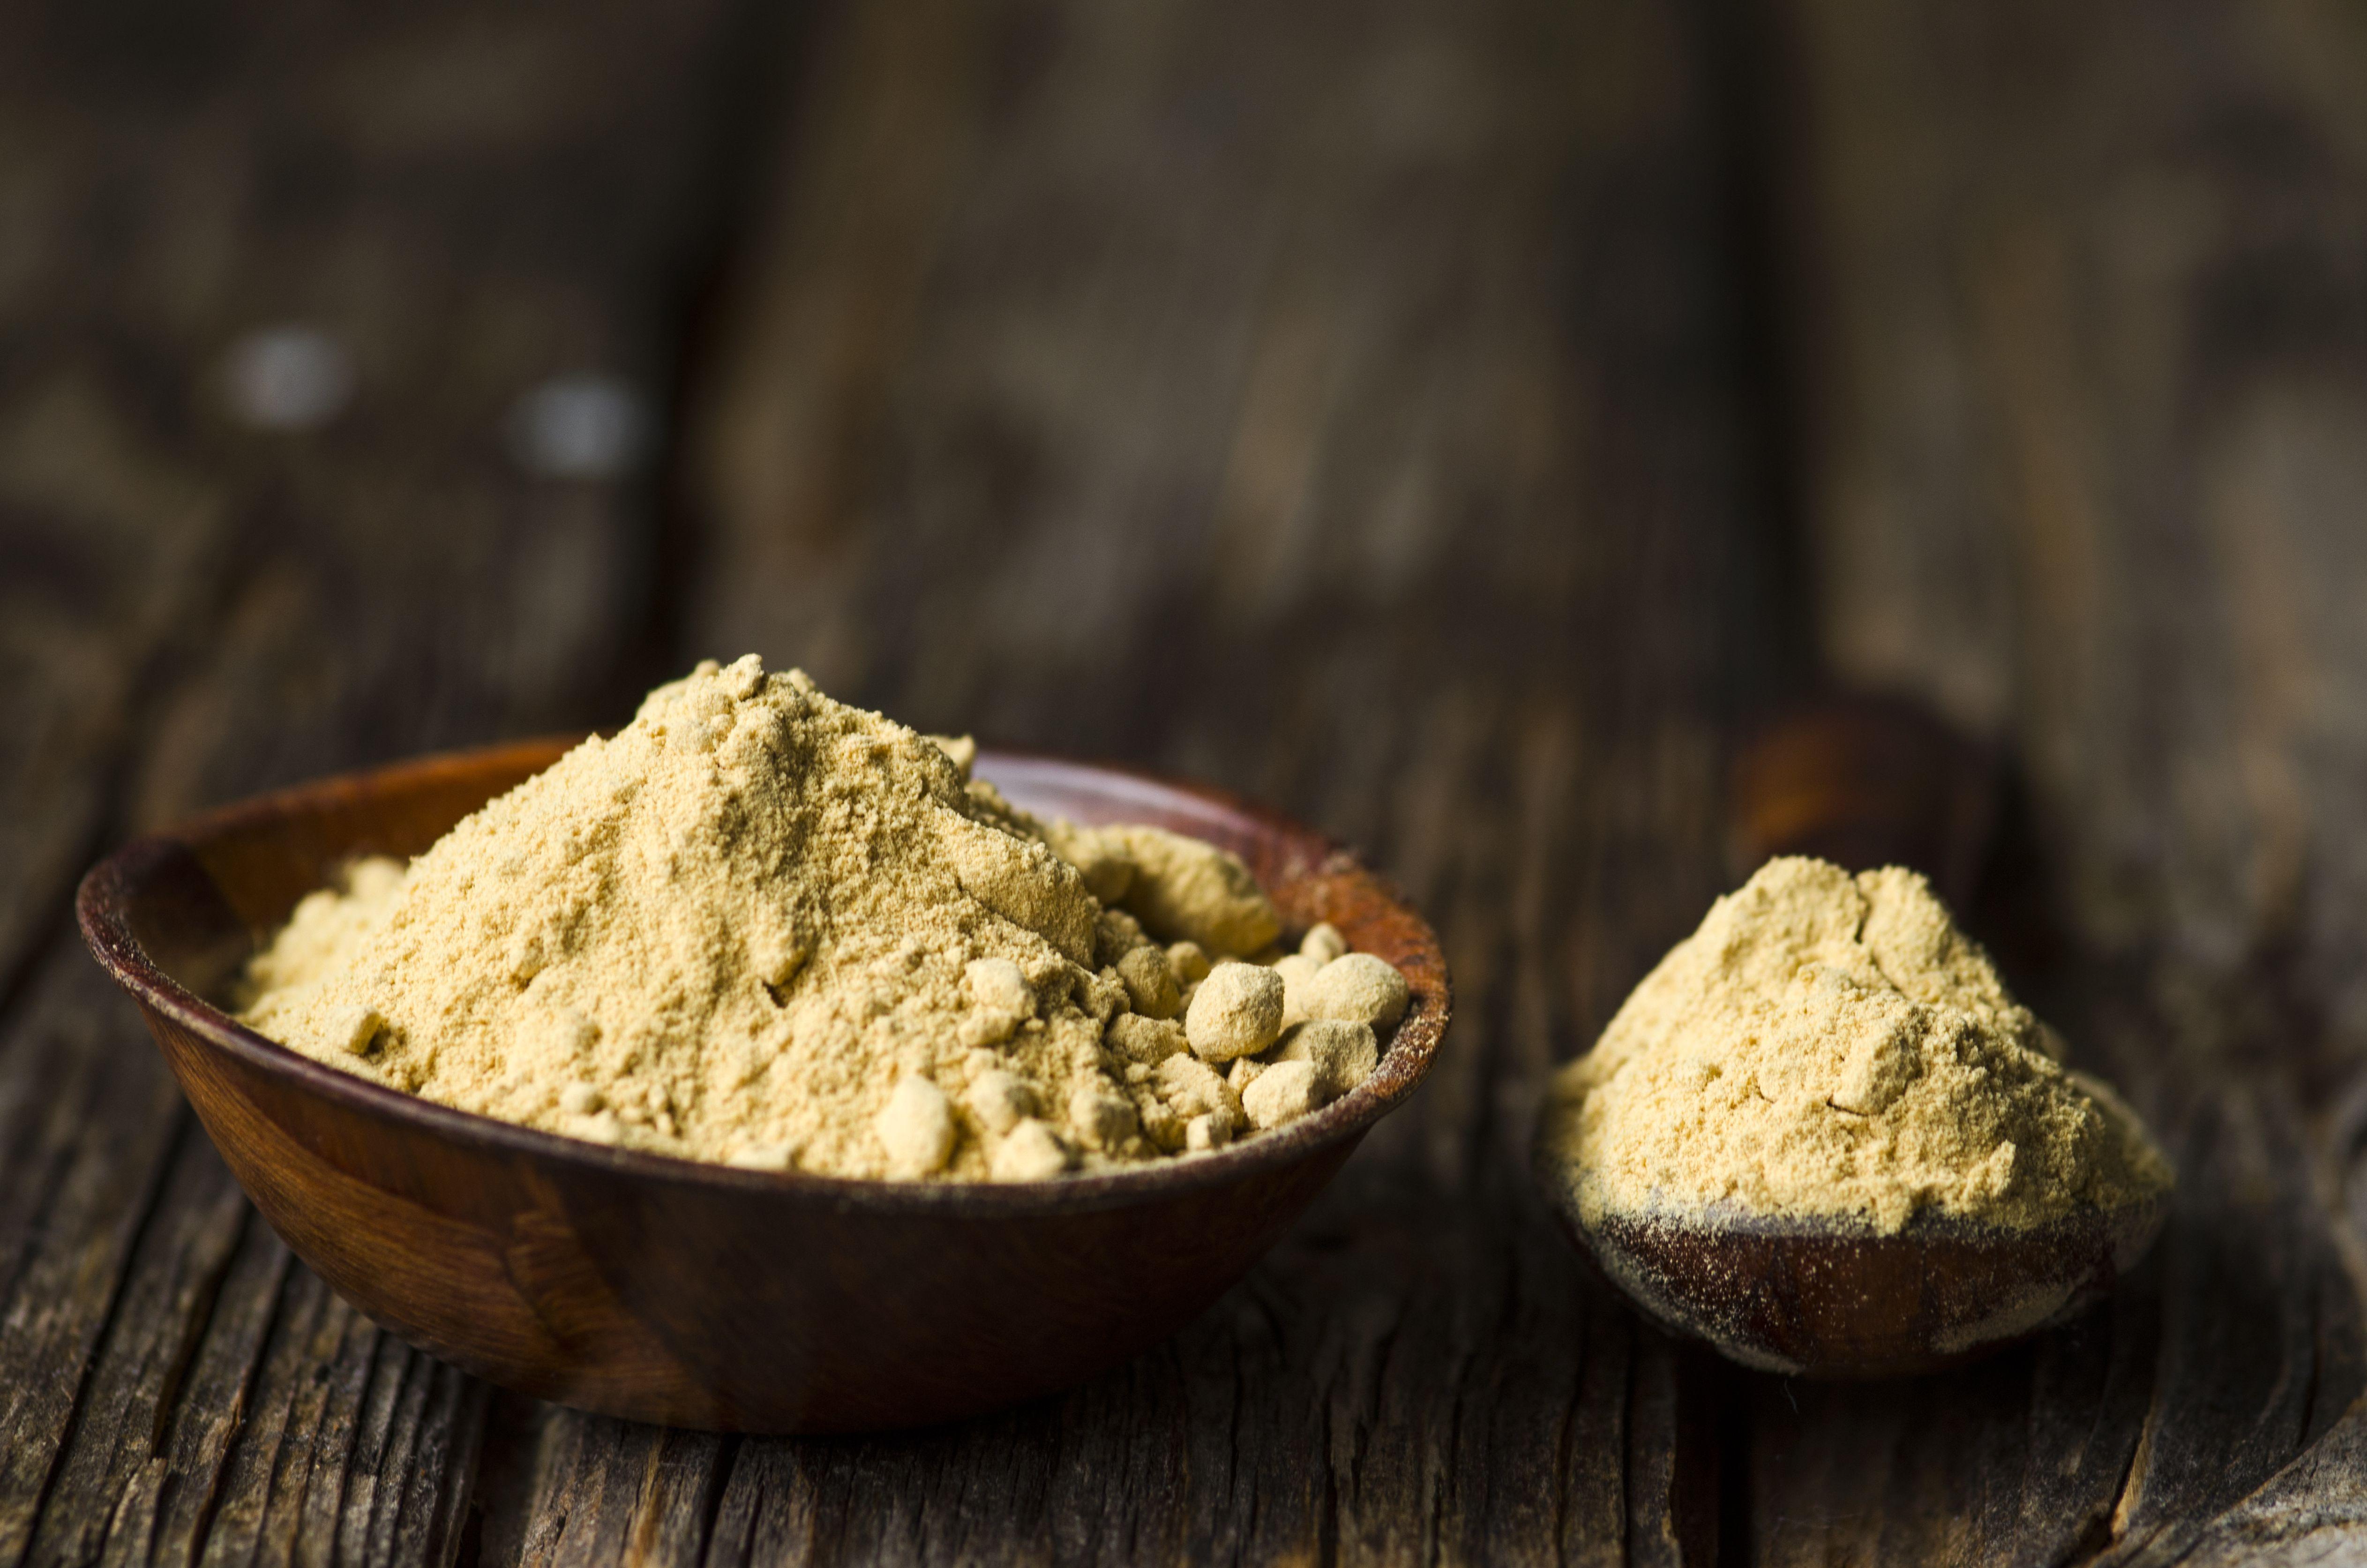 Имбирь молотый: полезные свойства и противопоказания для здоровья